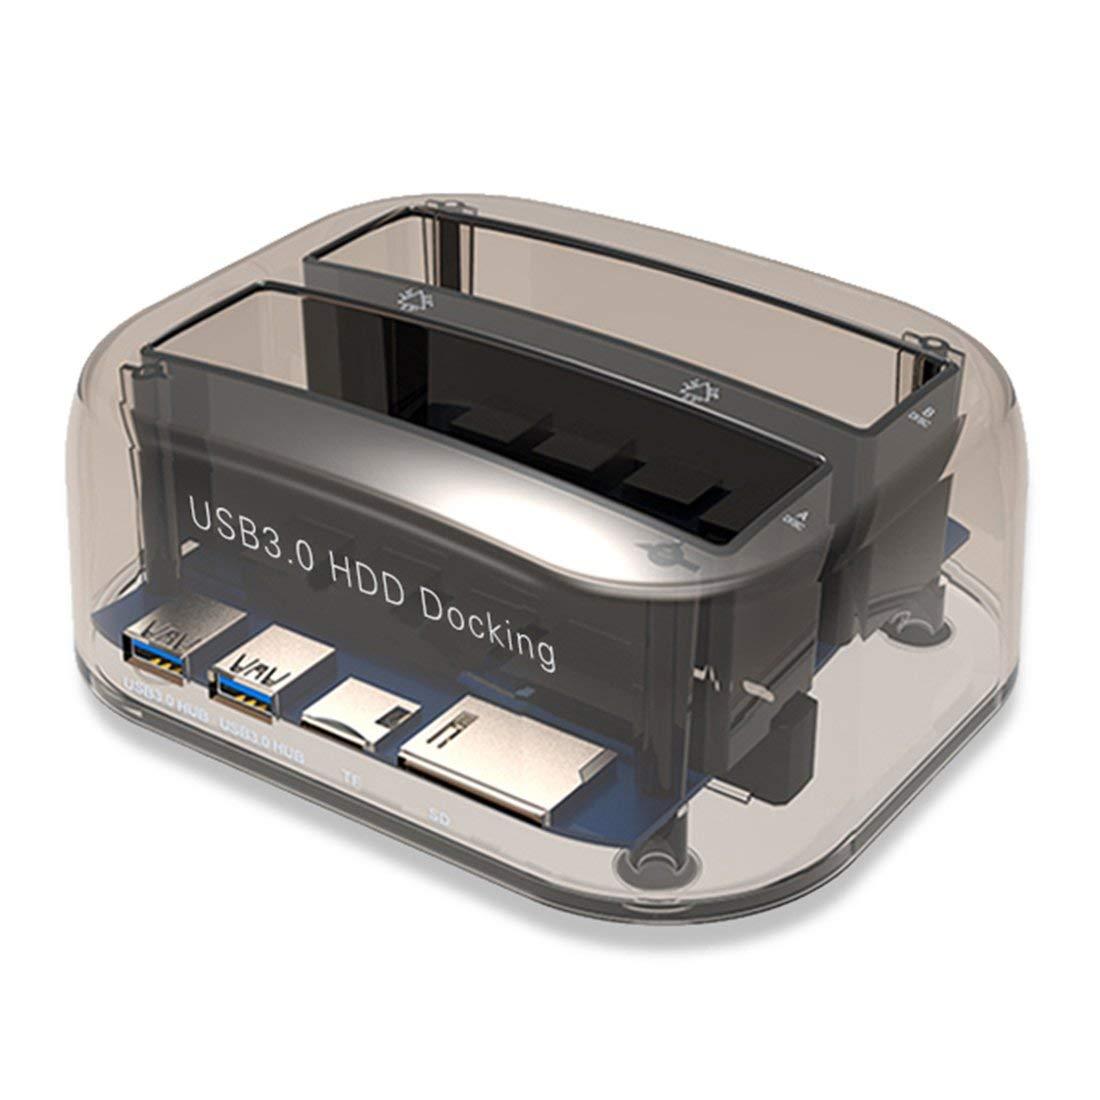 Usb 3.0 À Sata Double Baie disque dur externe Station D'accueil Pour 2.5/3.5 Pouces Hdd disque dur ssd Duplicateur